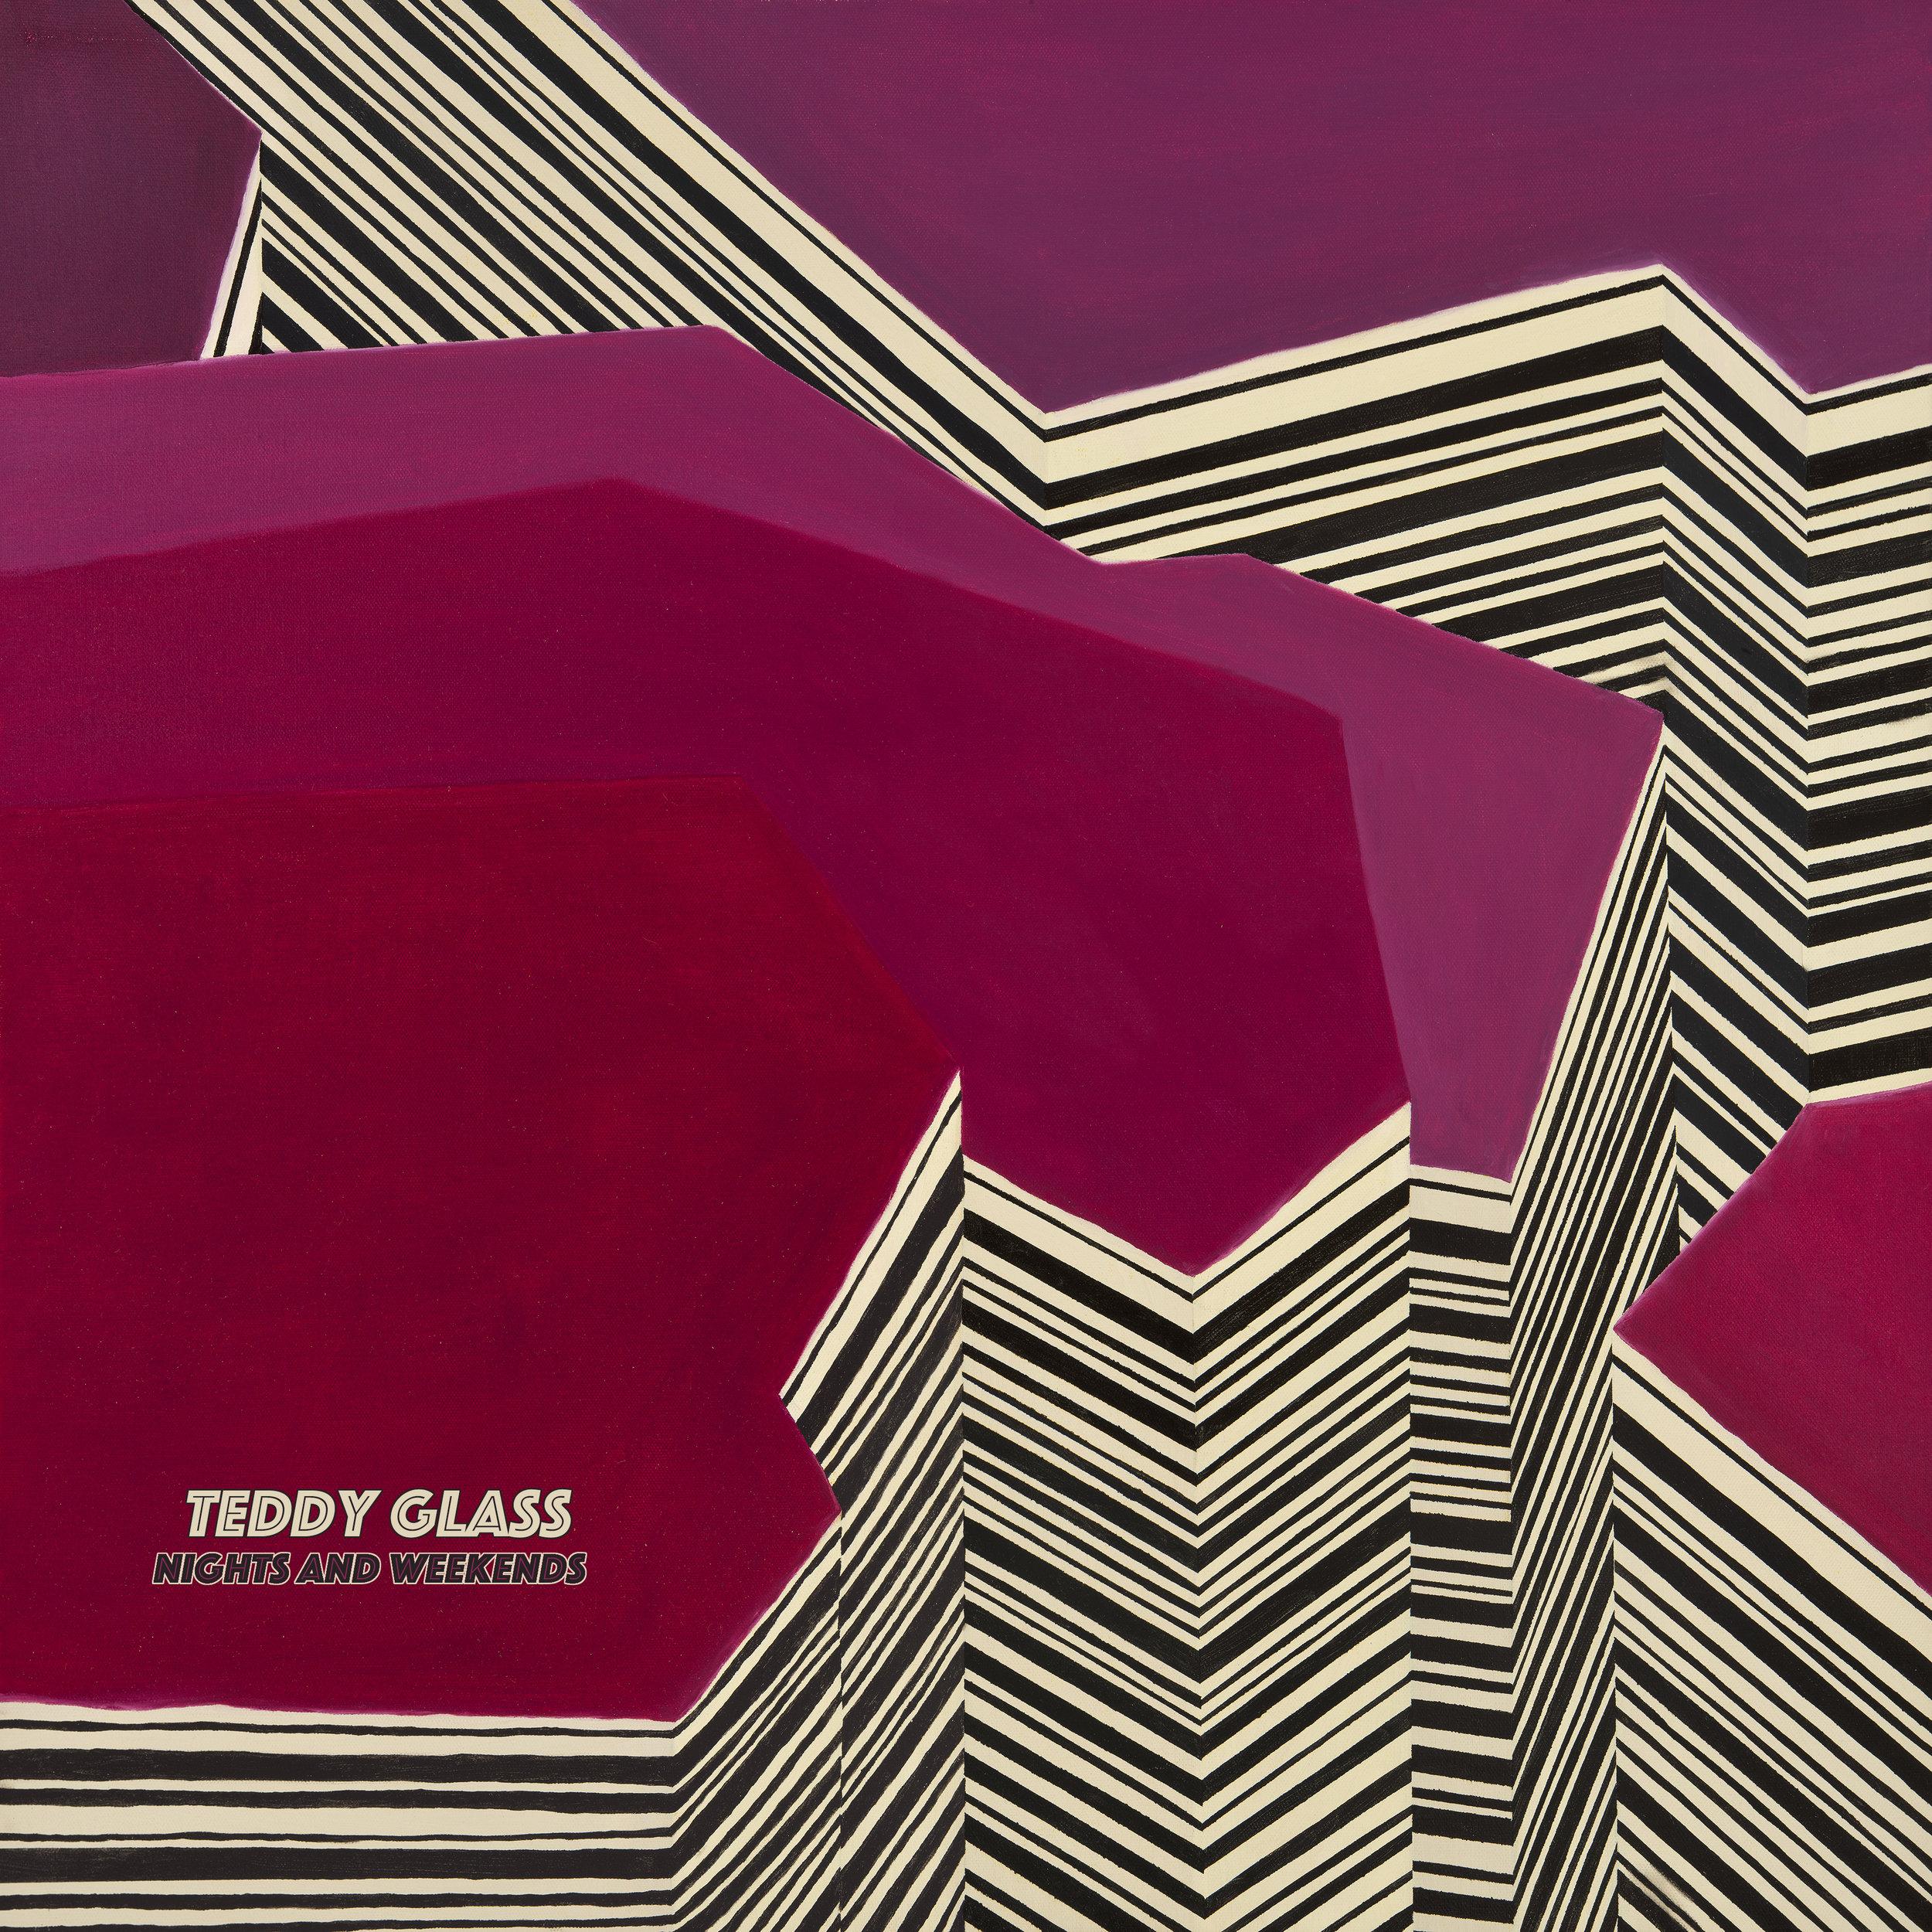 TeddyGlass_NightsandWeekends